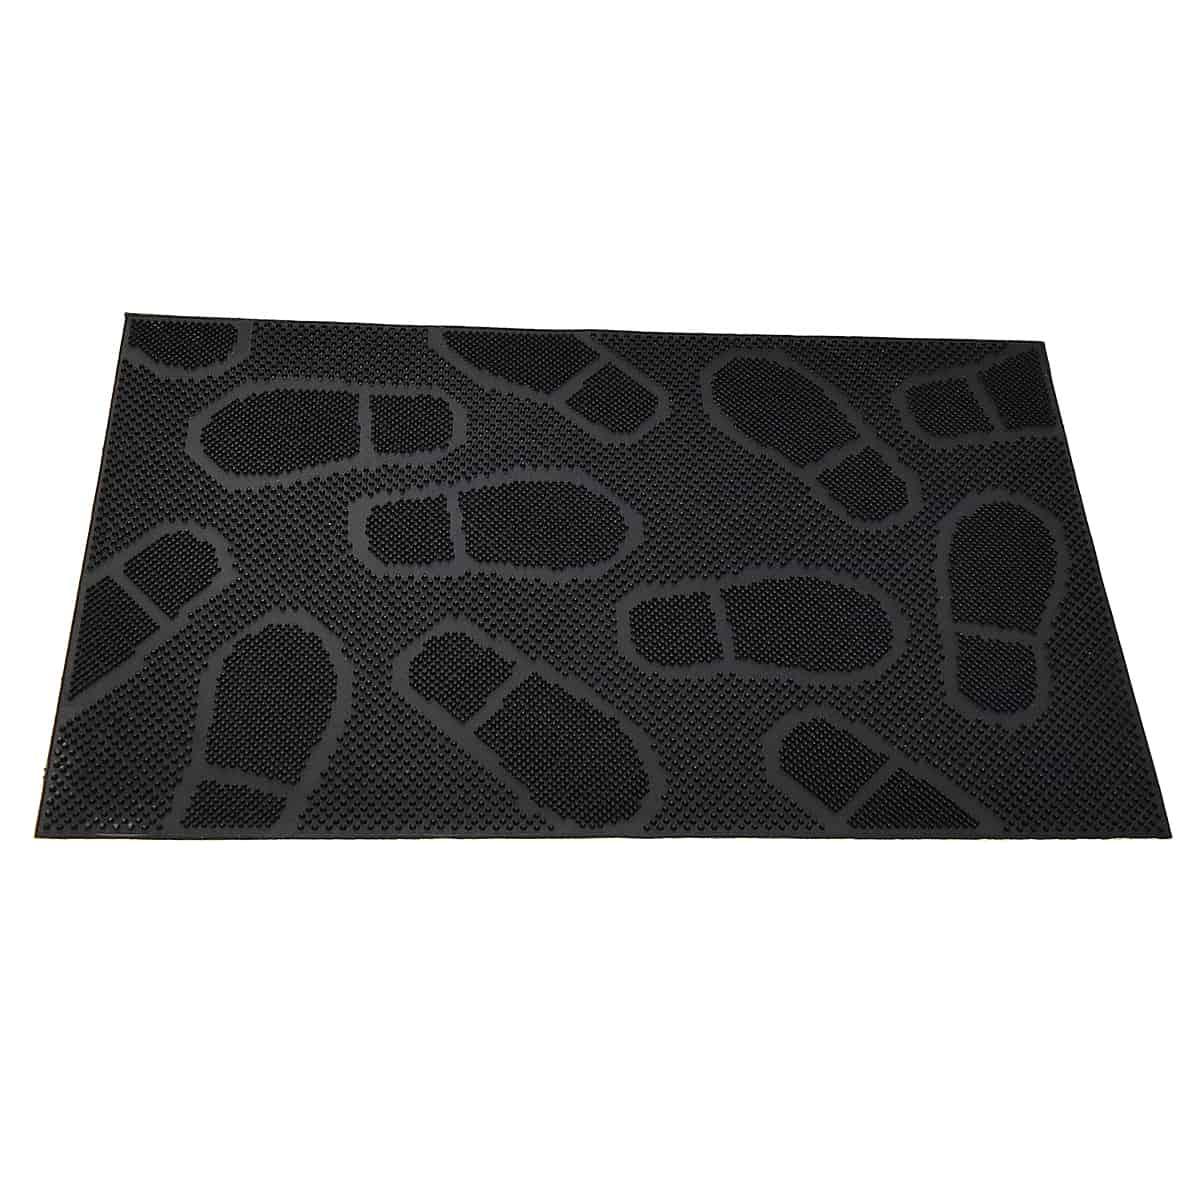 Outdoor Front Door Mat 30x18 Rubber Shoeprint